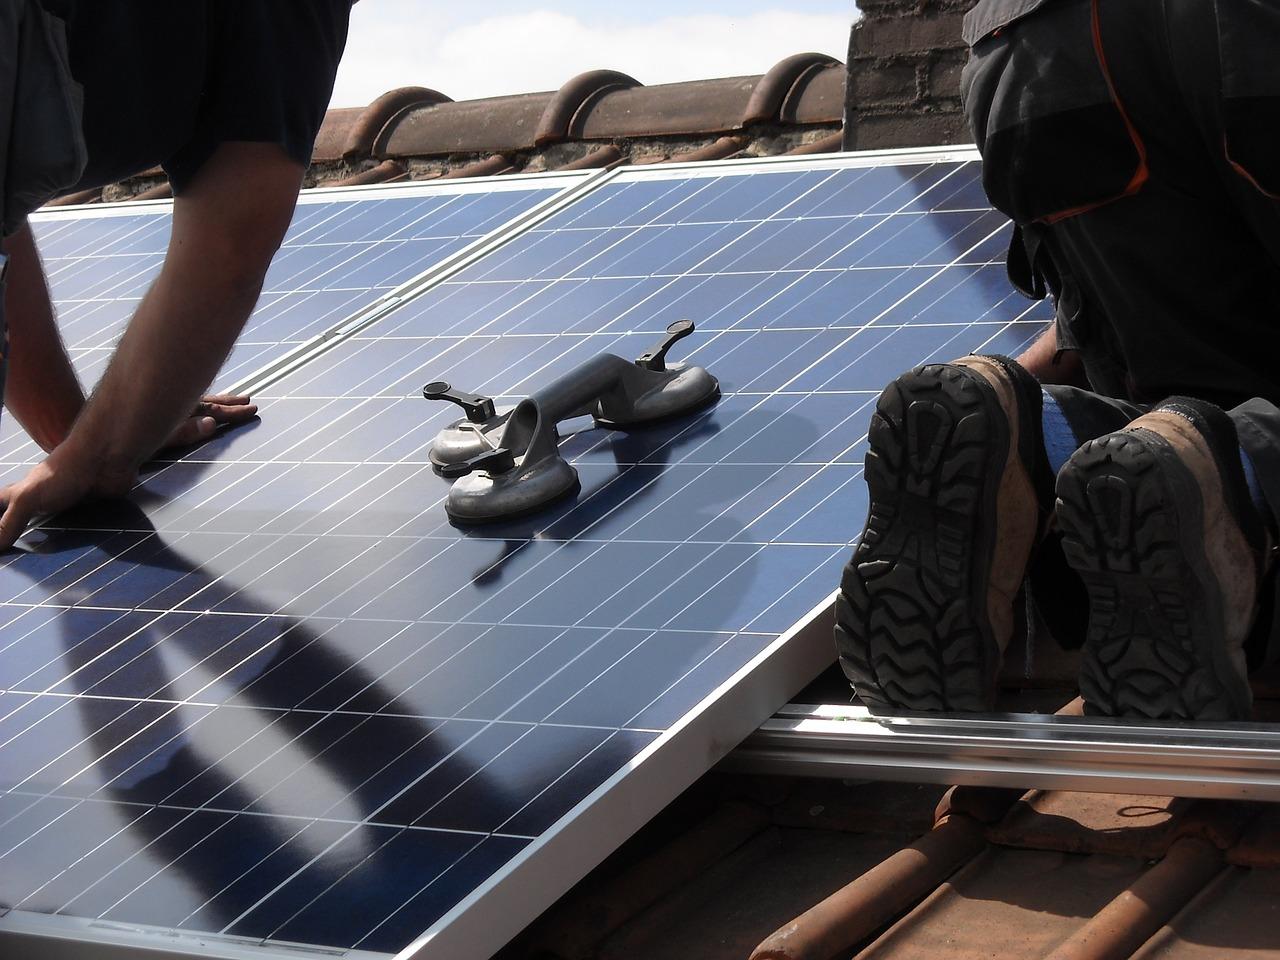 Installateur panneaux photovoltaiques  à Saint-Cyr-au-Mont-d'Or